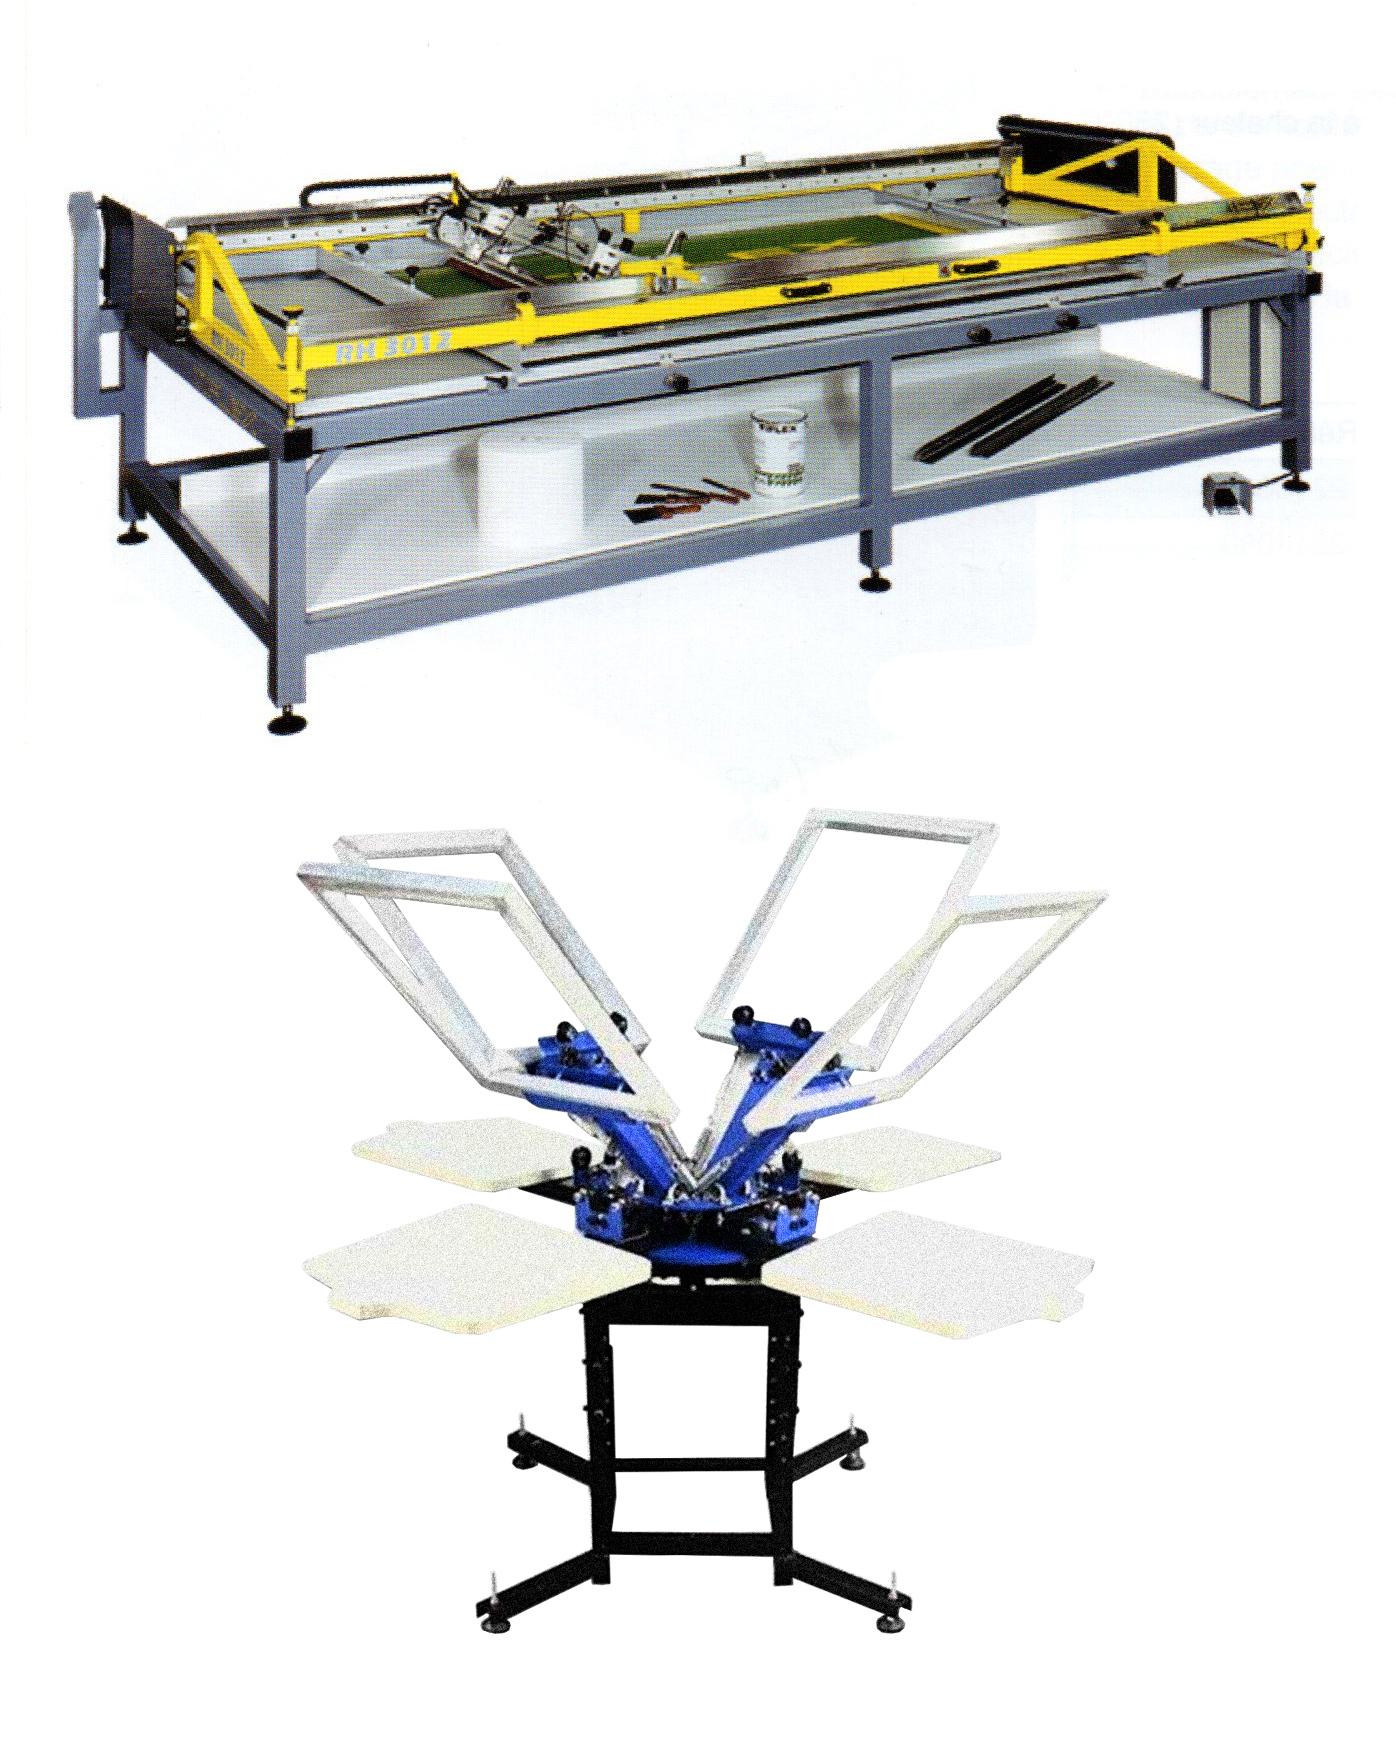 table TIFLEX à relevage horizontal pour impression des très grands formats et carrousel TIFLEX quatre couleurs pour l'impression des textiles